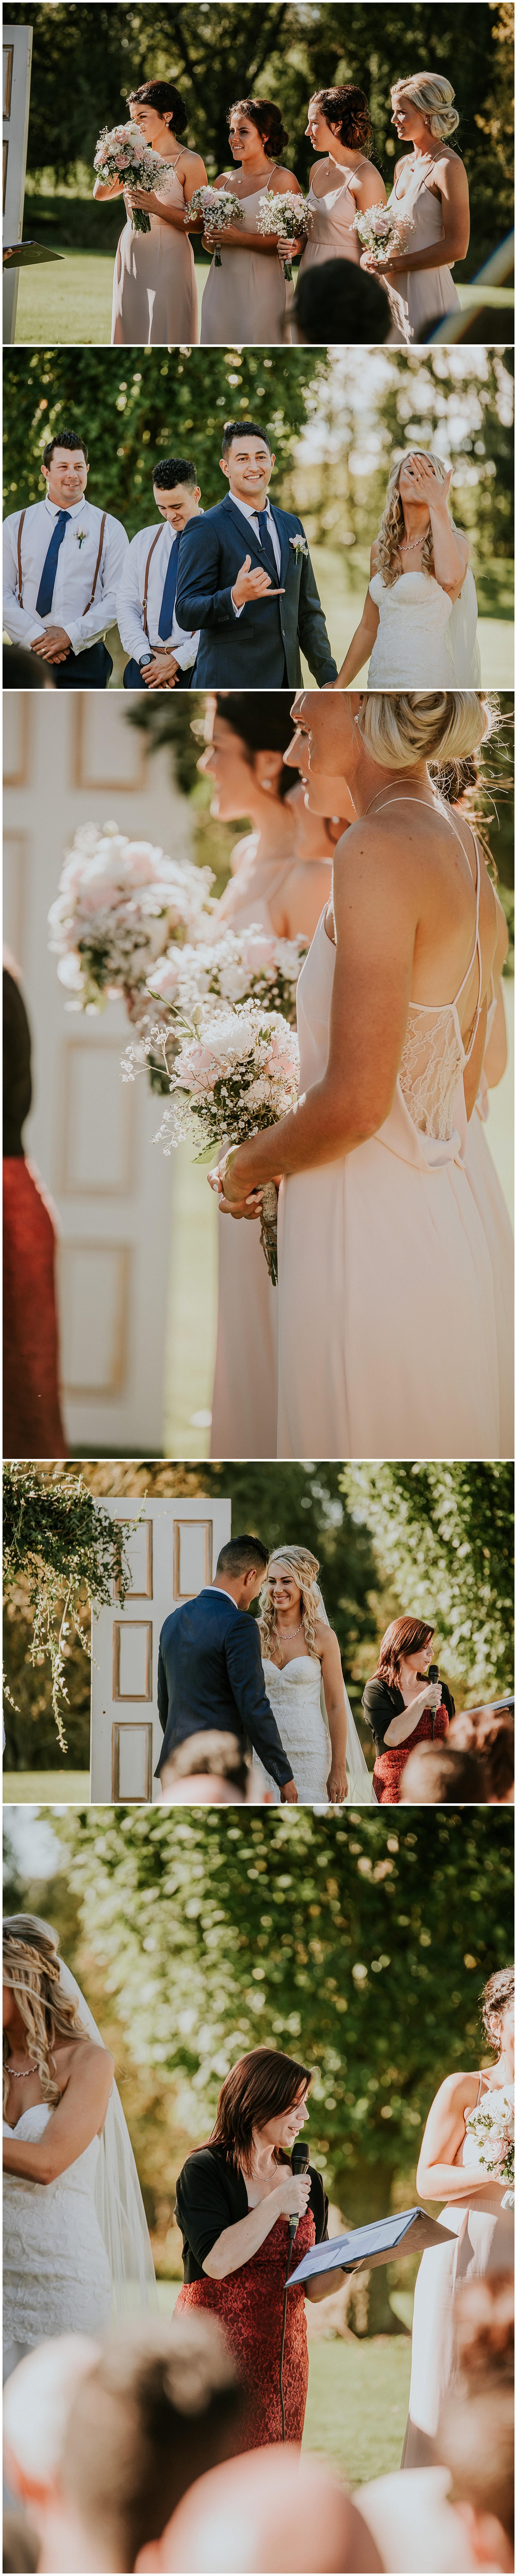 chad-jakalah-christchurch-garden-summer-elegant-auckland-wedding-photographer_0026.jpg